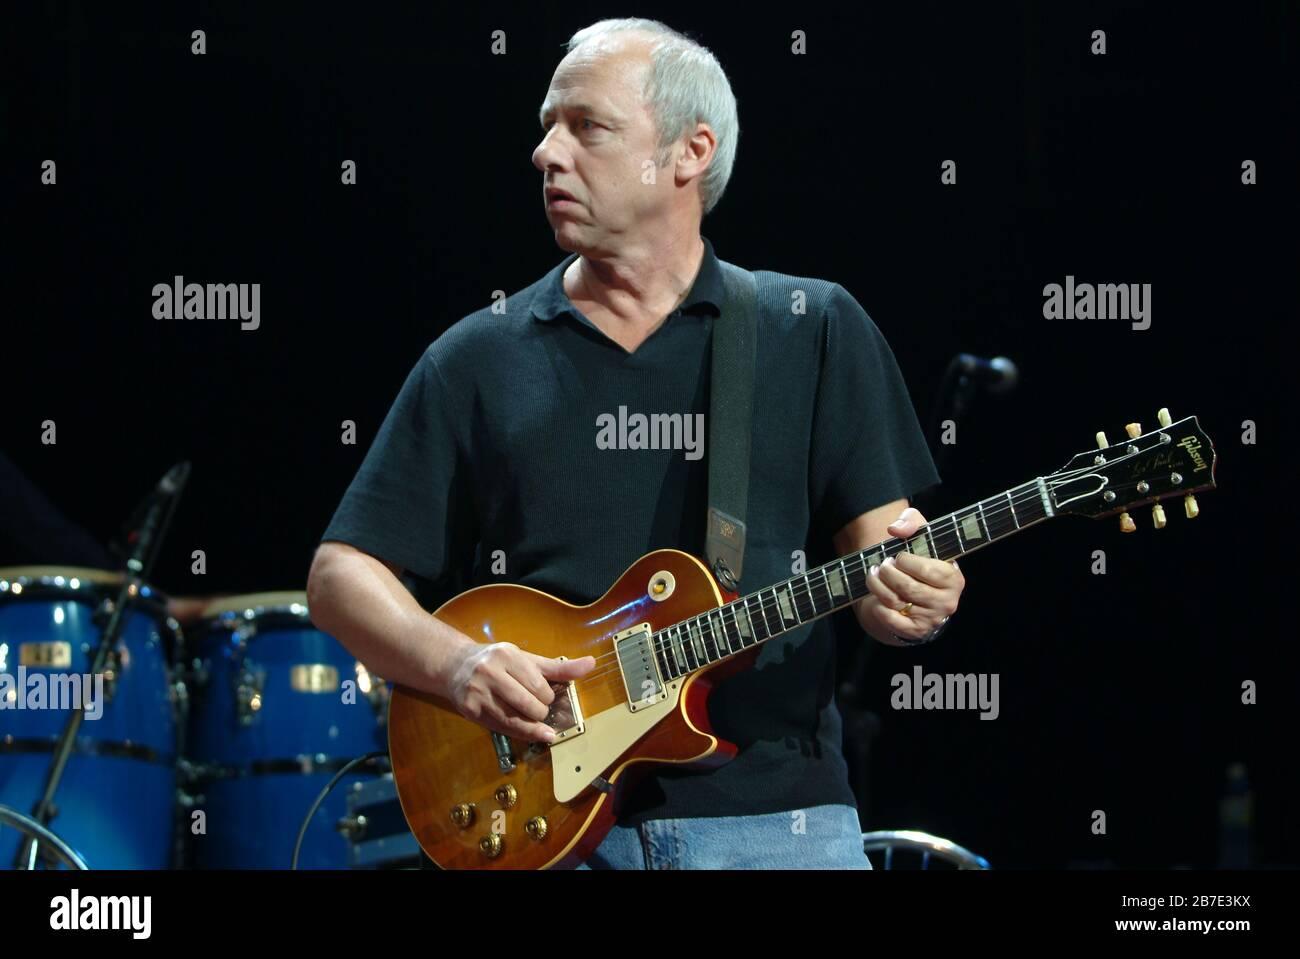 Légendaire Mark Knopfler OBE, chanteur-compositeur de rock, producteur de disques et fondateur de dire Straits, en concert au Royal Albert Hall Londres Angleterre UK 2005 Banque D'Images